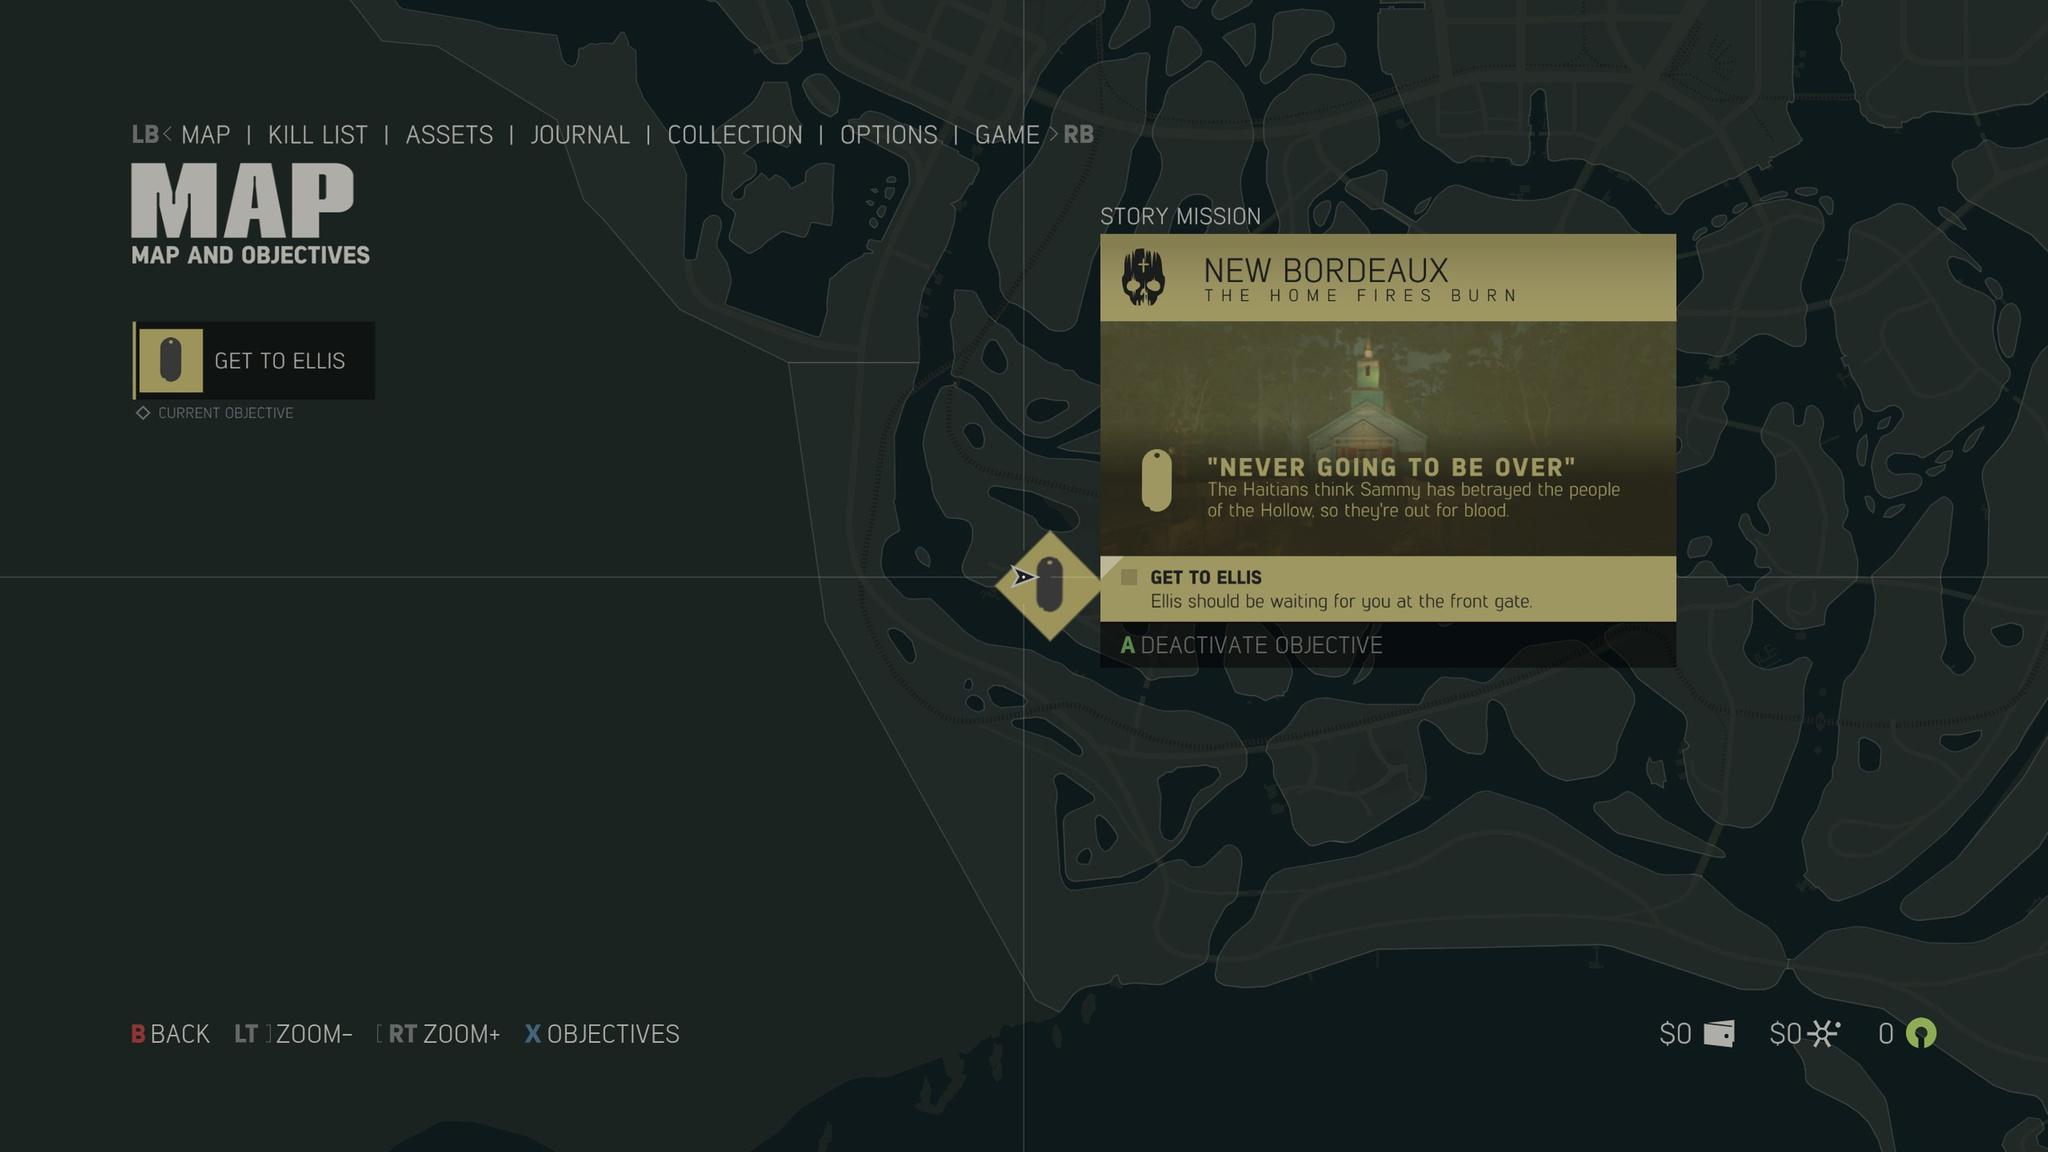 Das Pausen-Menü zeigt die Spielkarte und nächste Missionen